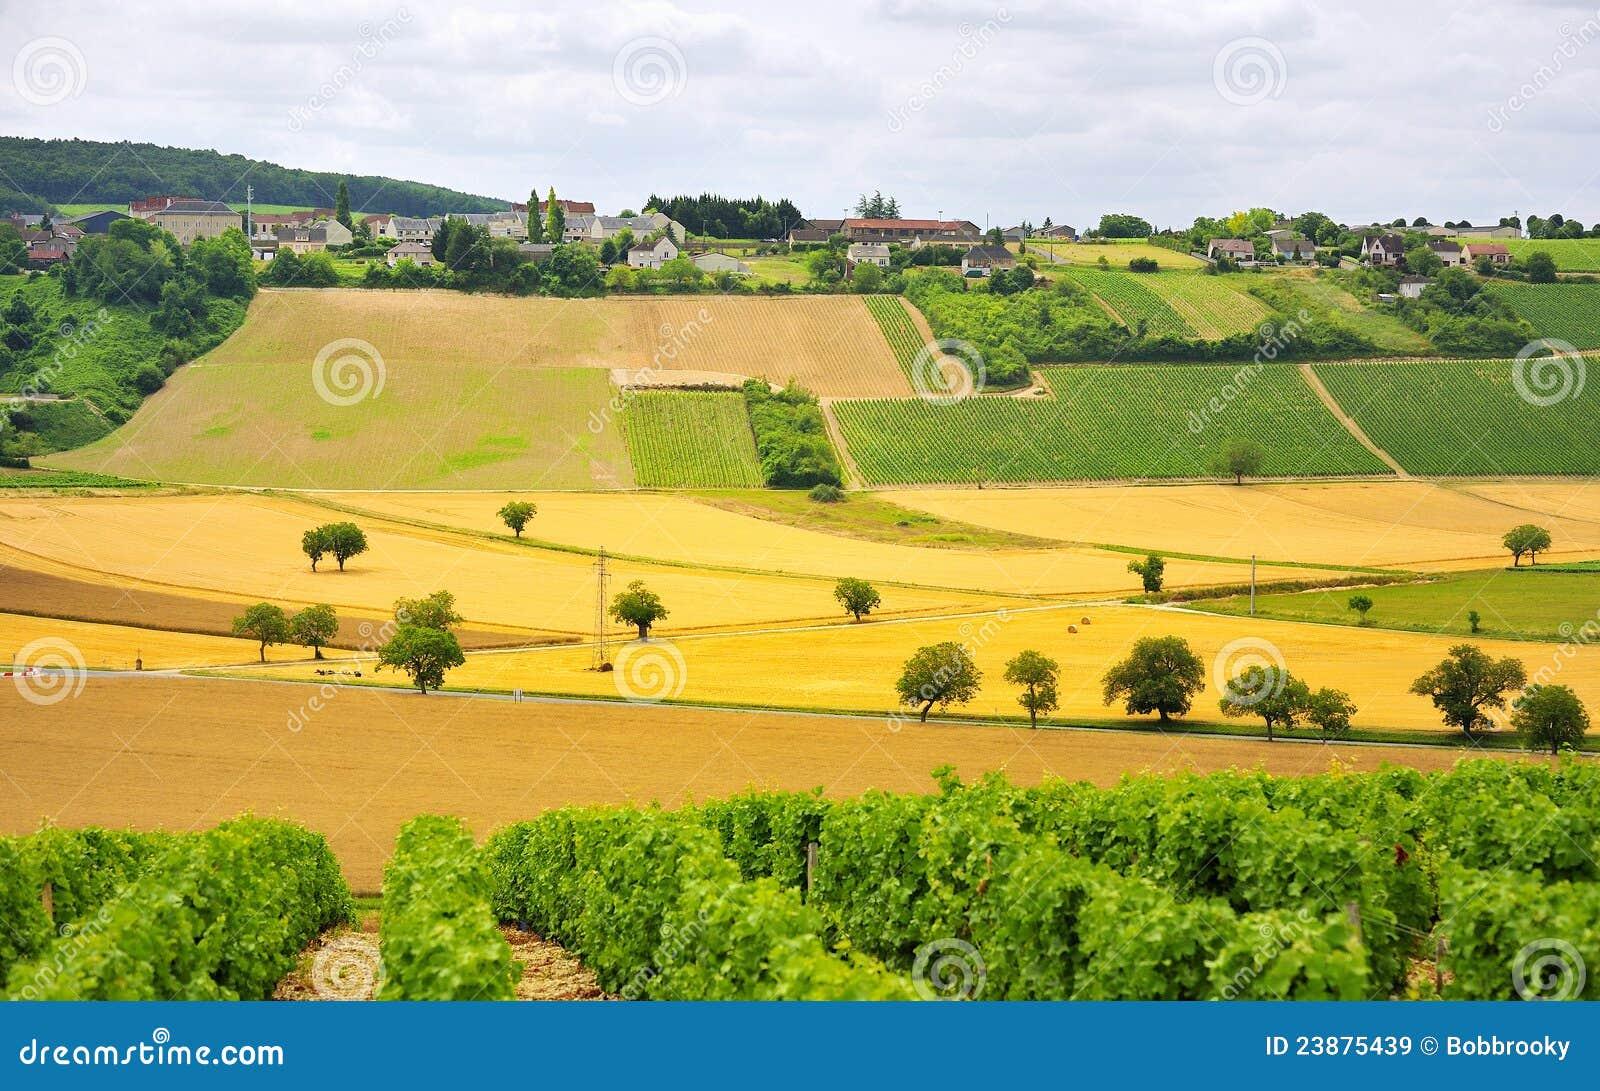 Vines and Agriculture, Sancerre, France